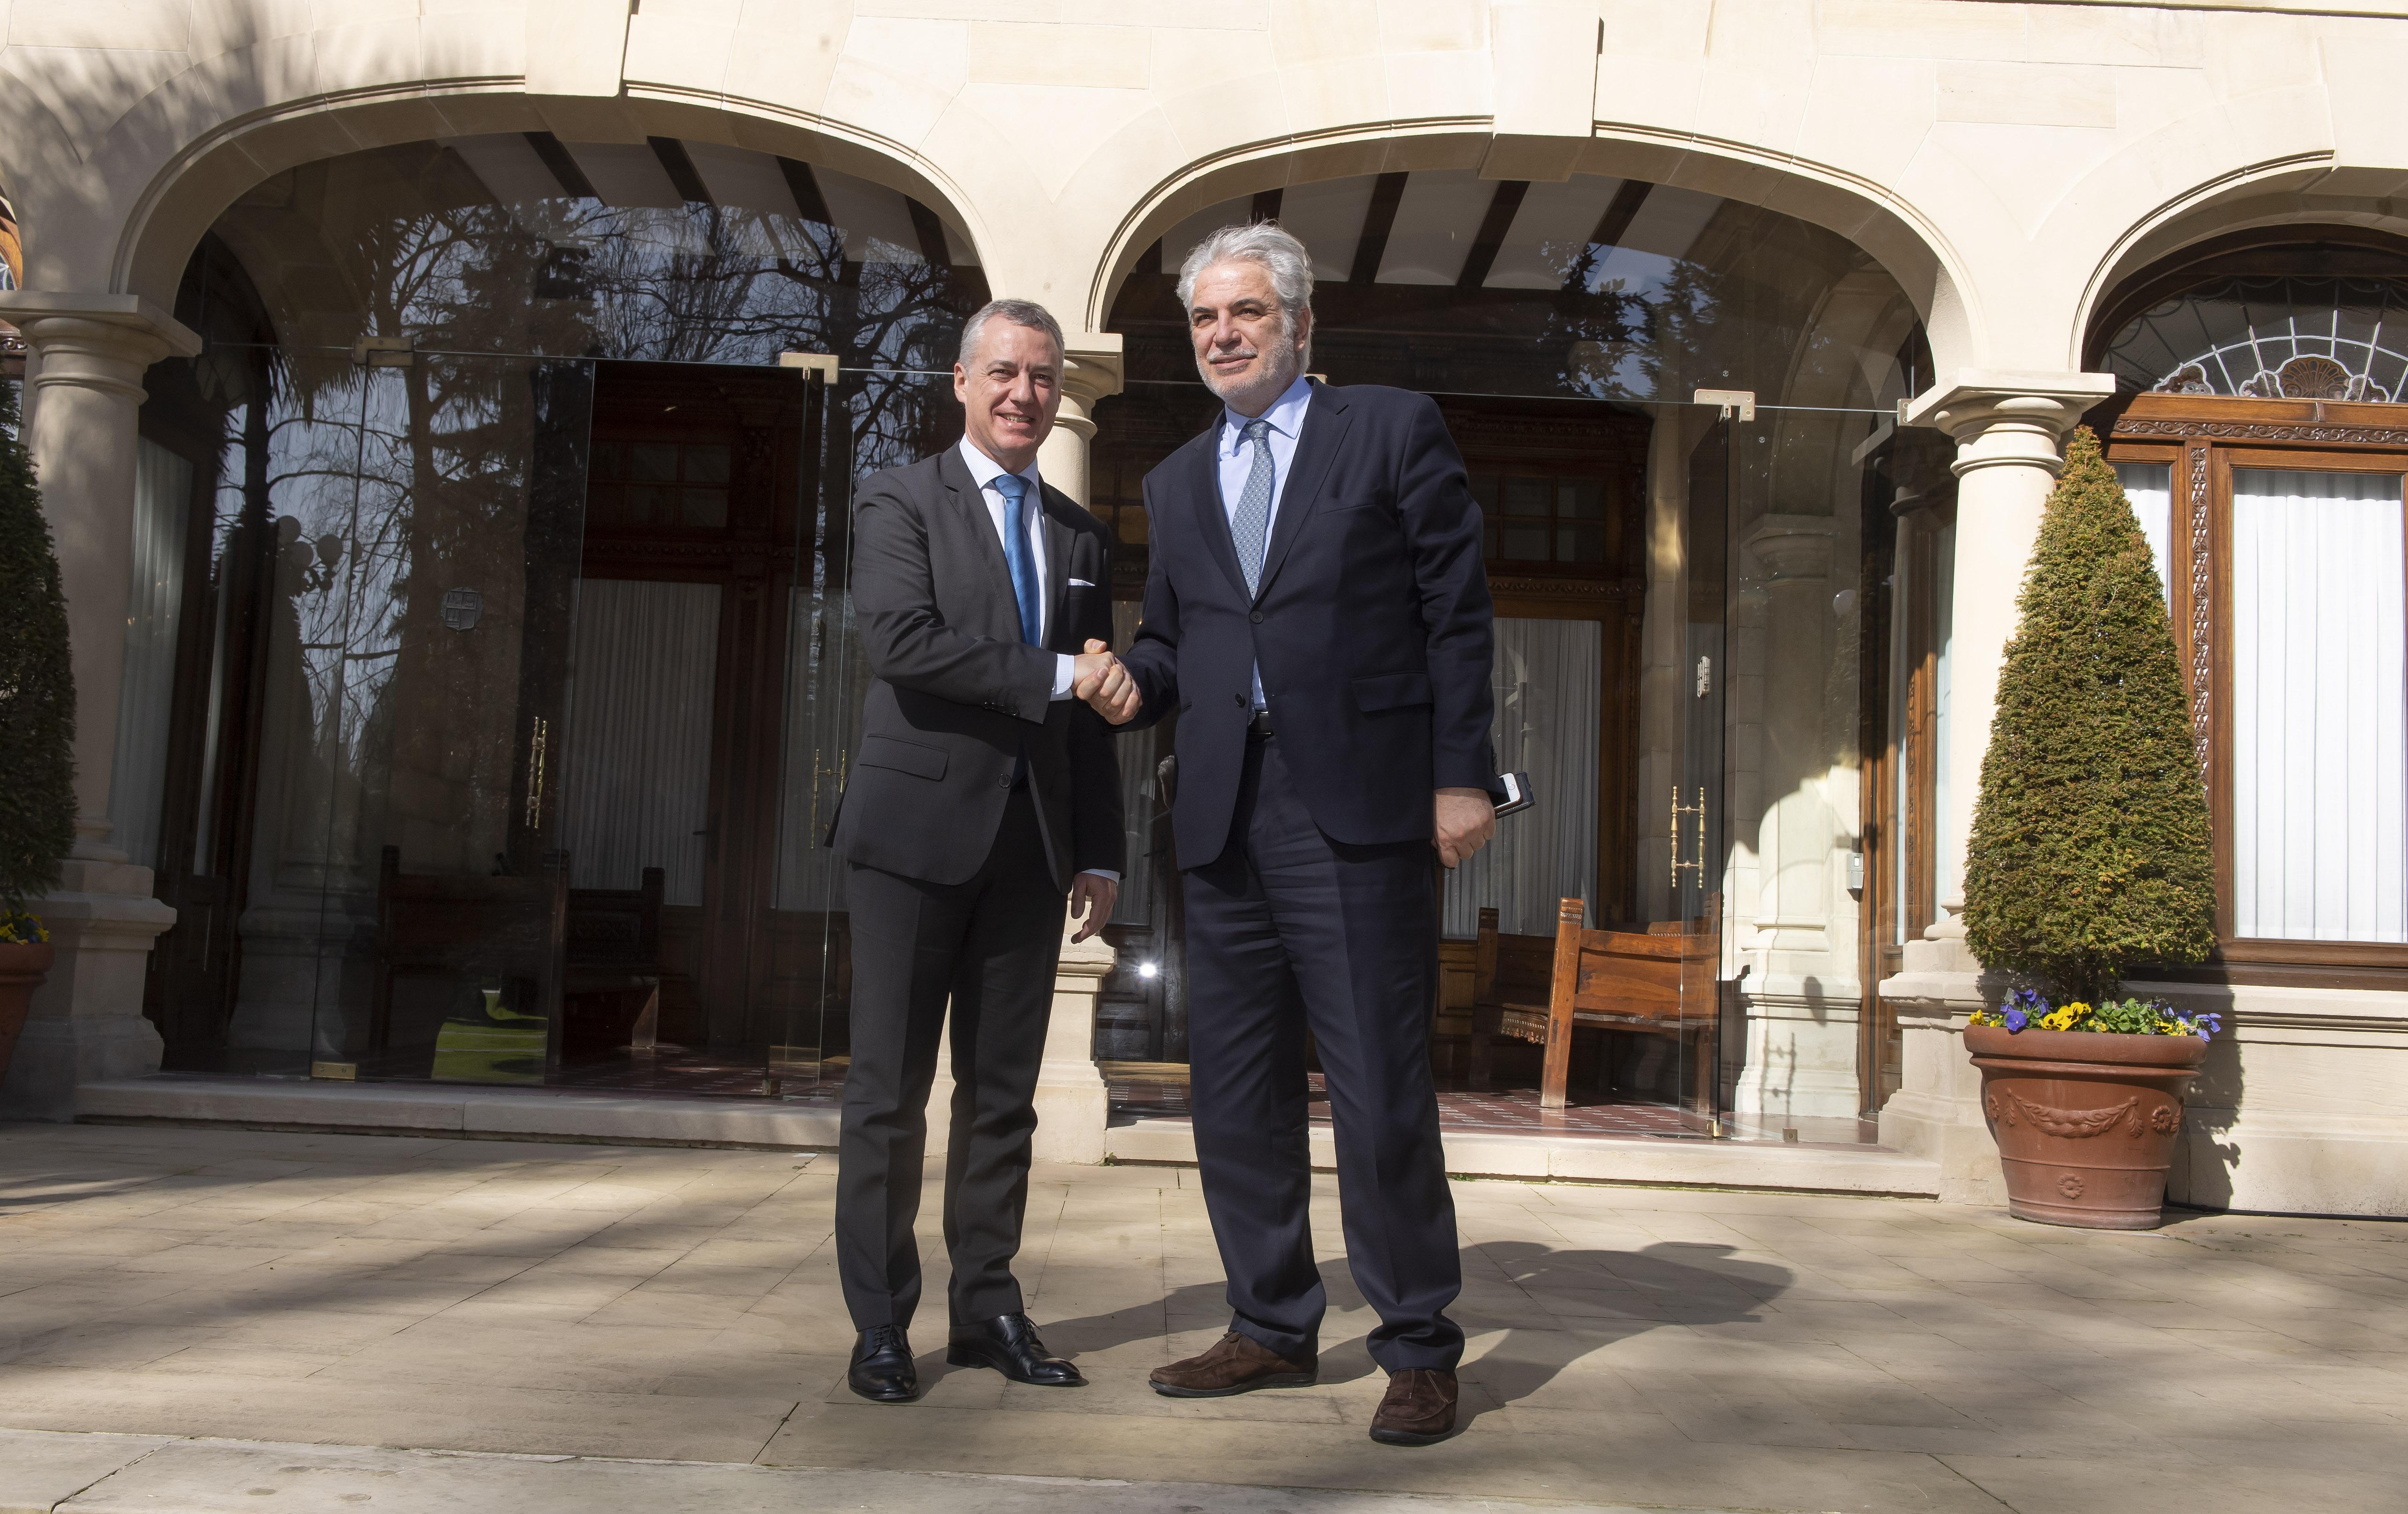 Lehendakariak Christos Stylianides Laguntza humanitarioko eta Krisi-kudeaketako Europako komisarioa hartu du